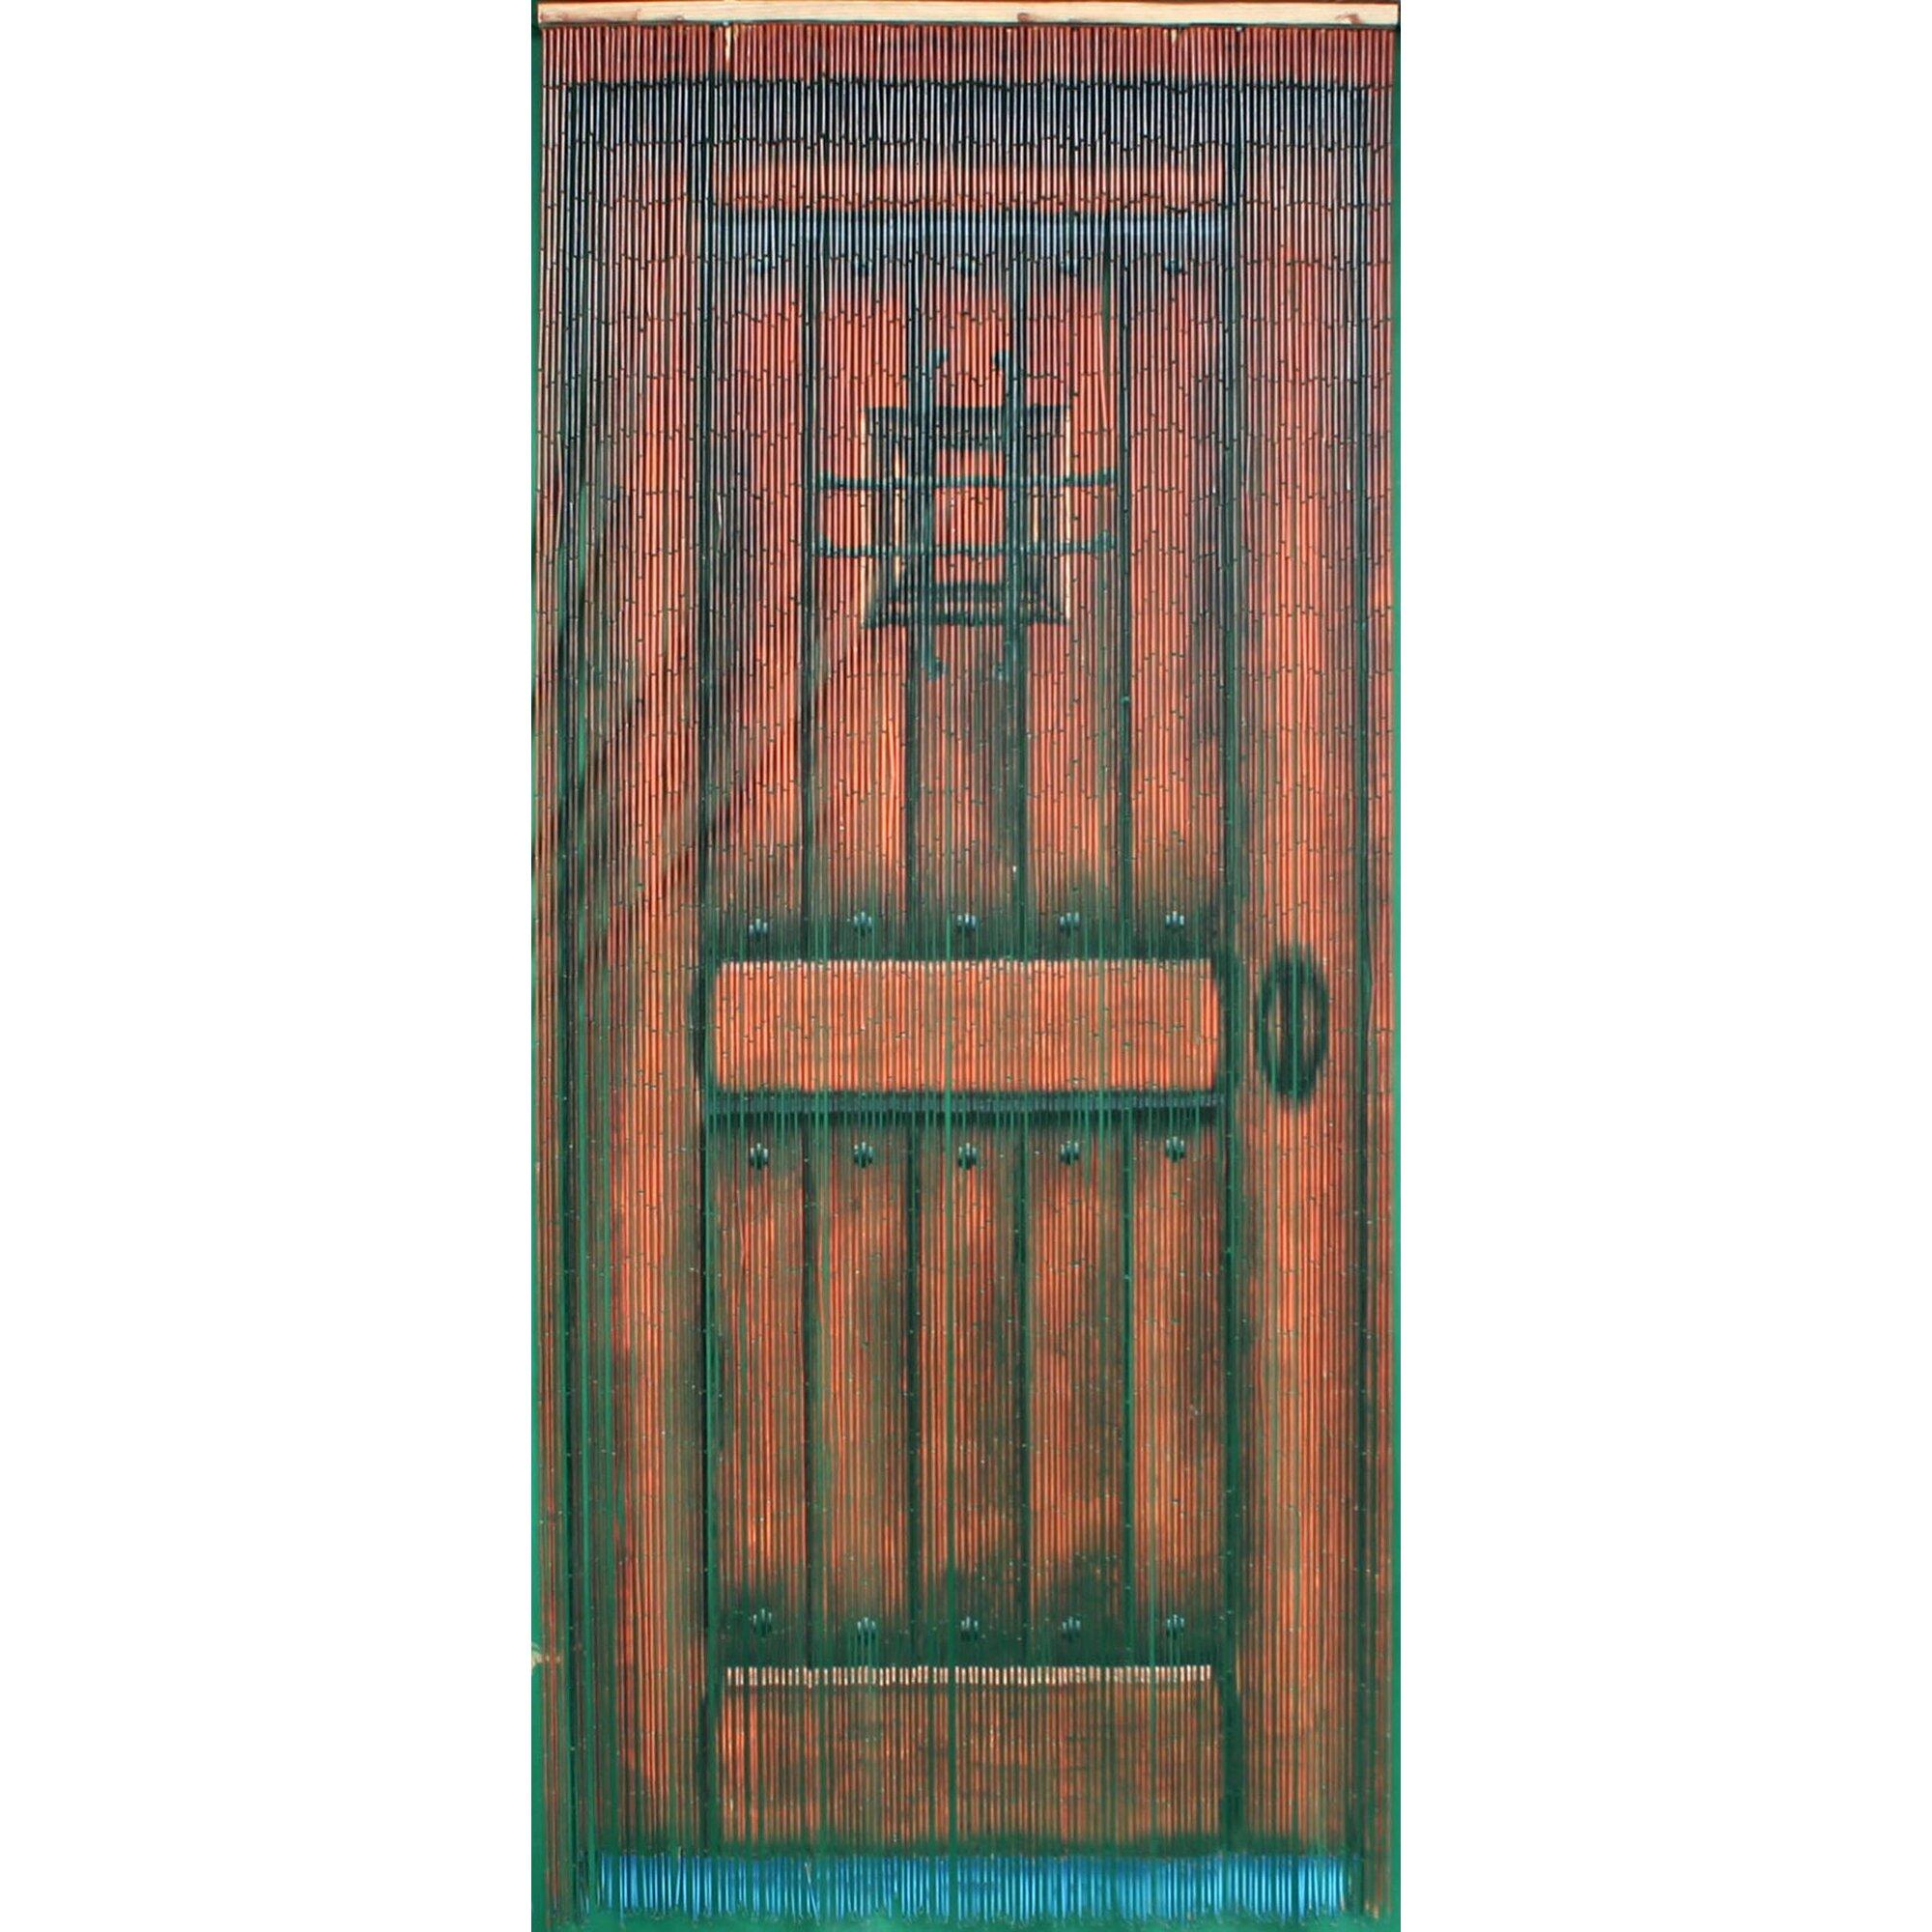 Bead curtain room divider - 78 X 36 Bamboo Beaded Curtain Door Motif Room Divider